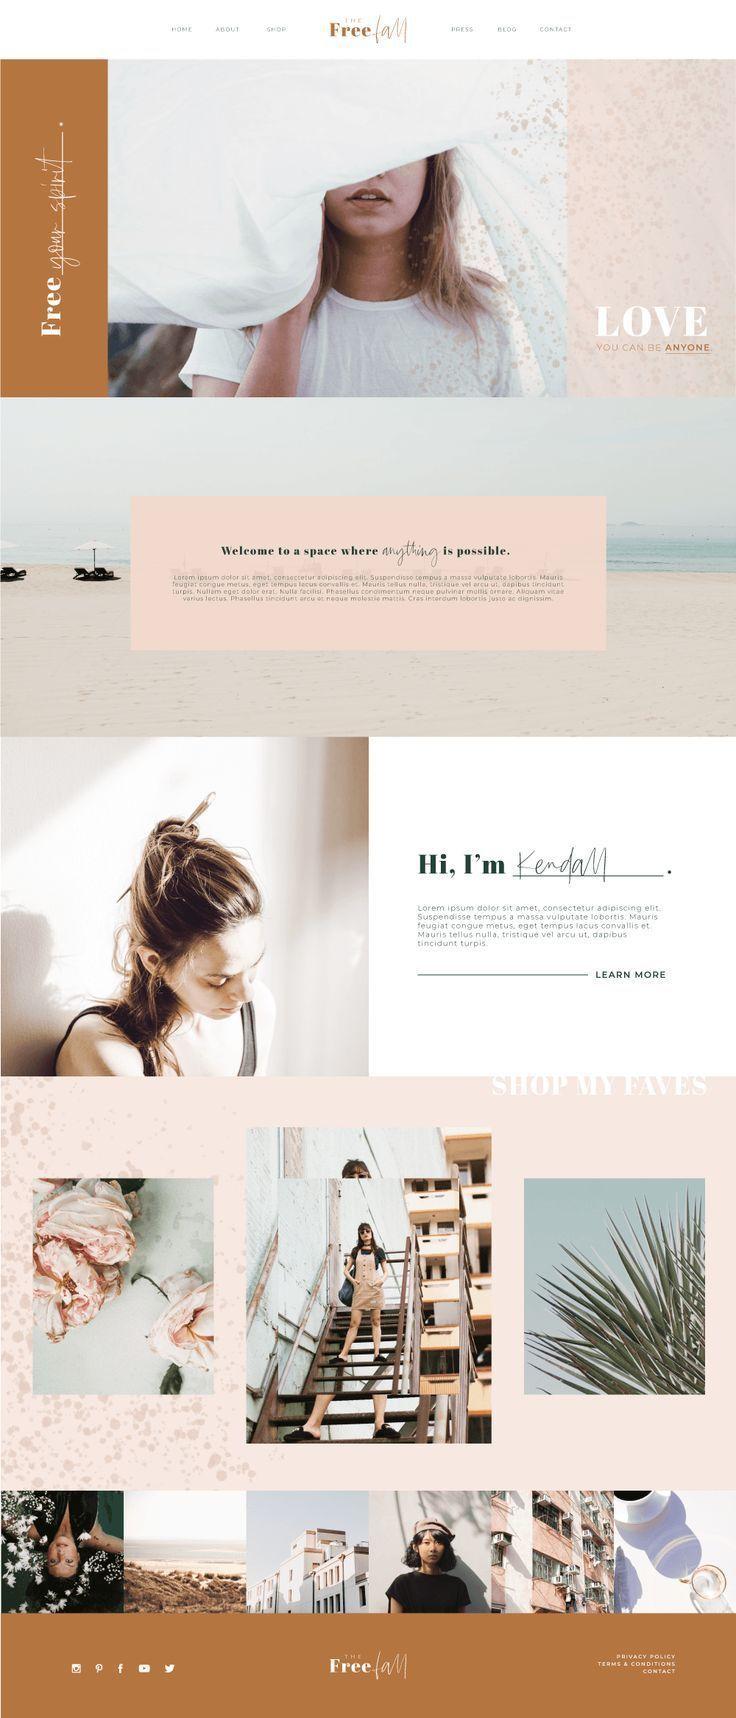 Samantha Website Blog Social Media Bundle Blog Graphics Kit In 2020 Web Layout Design Web Design Inspiration Site Design